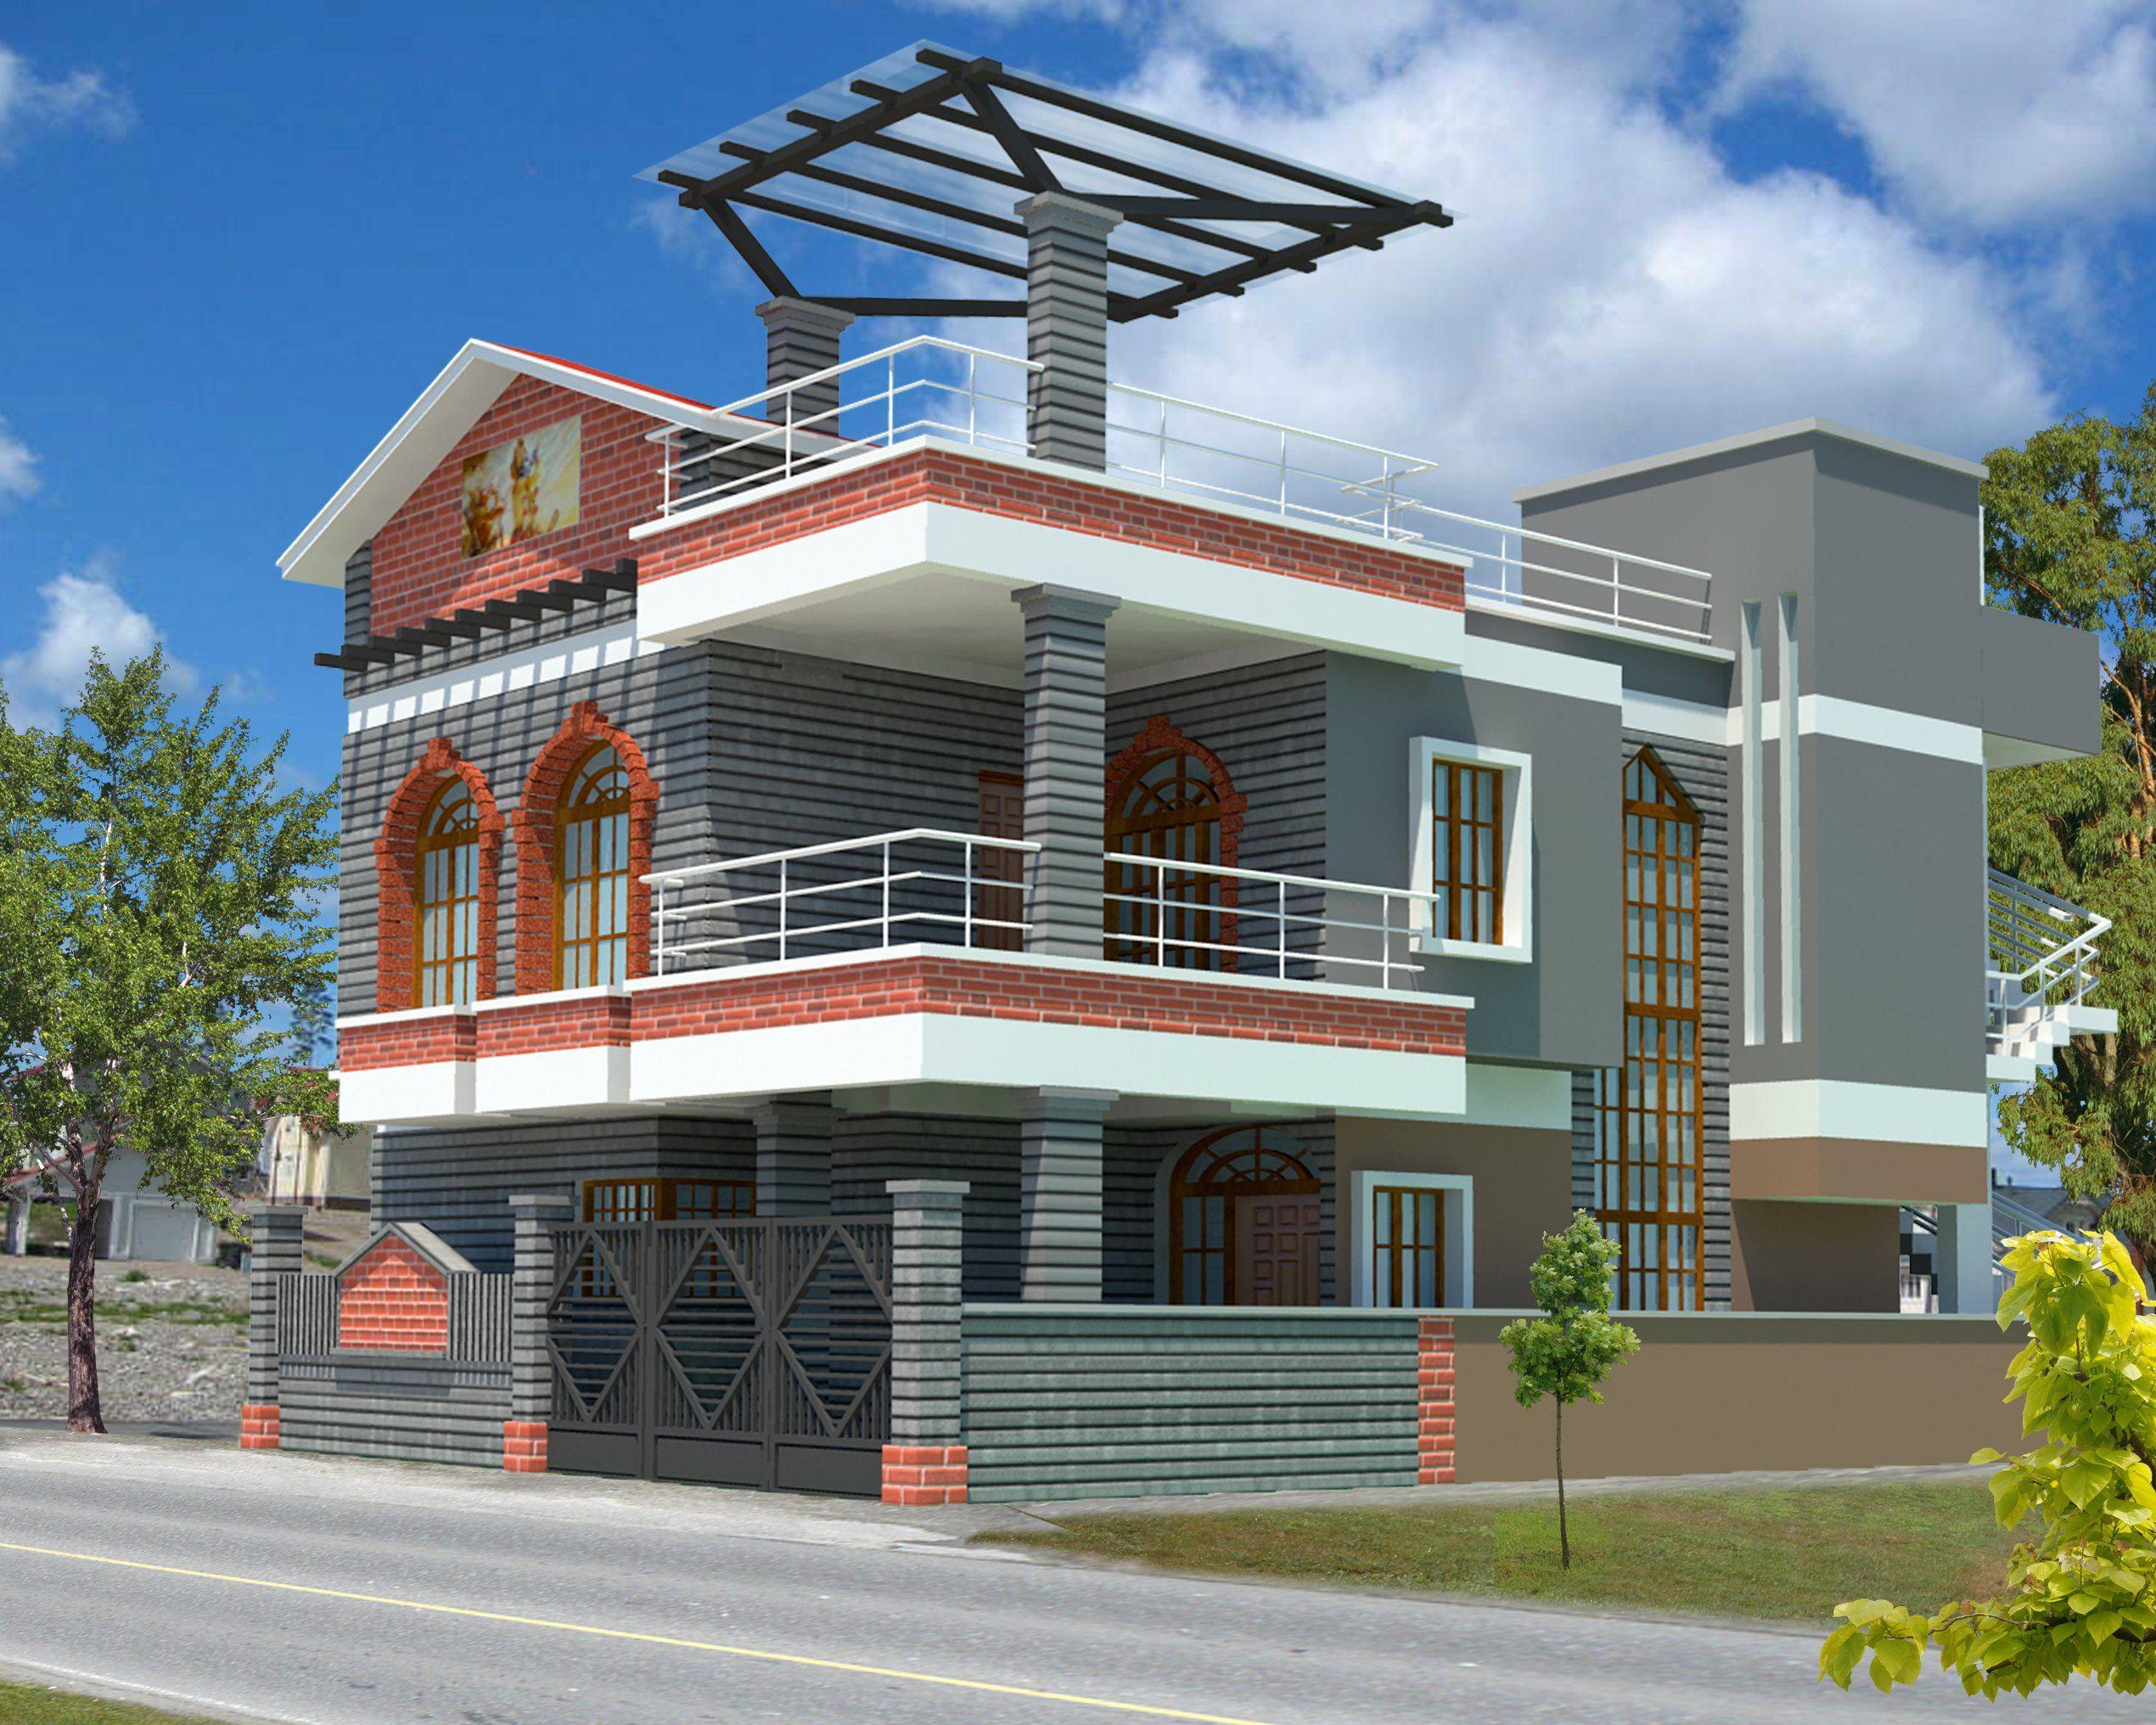 3 D House Plans Unique Interior Exterior Plan House Exterior Best Exterior House Paint House Paint Exterior